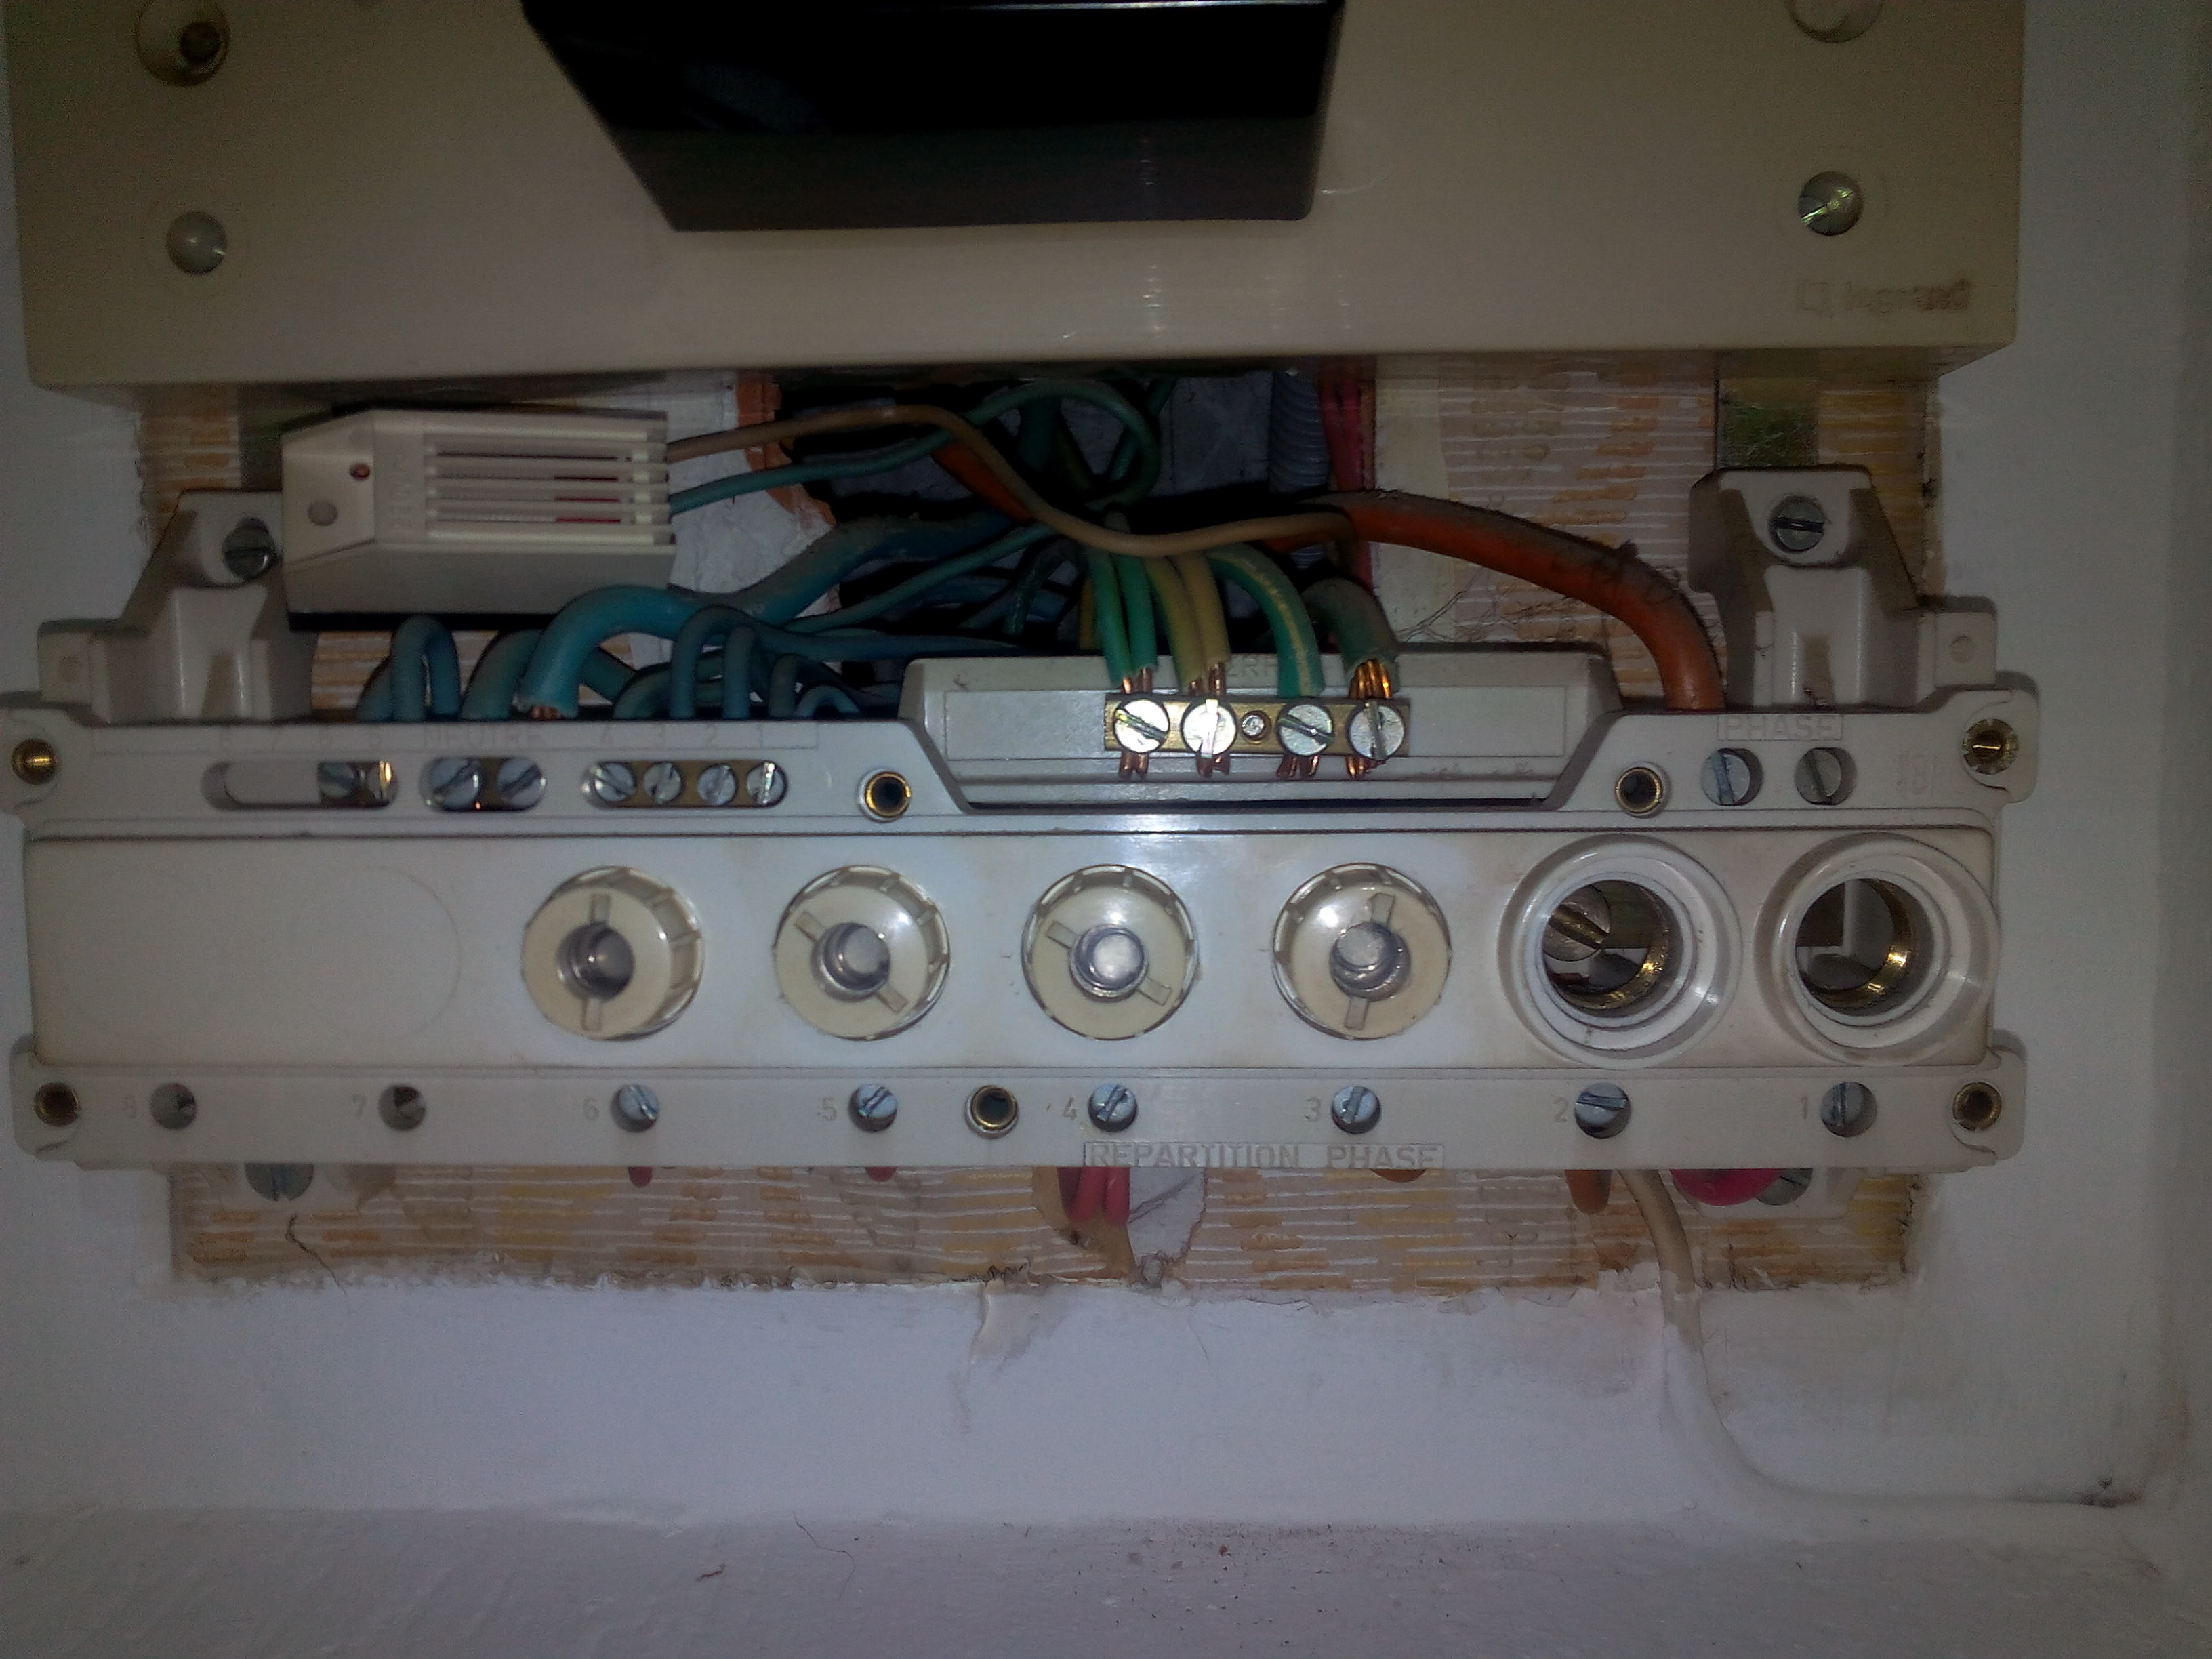 Tableau electrique annee 60